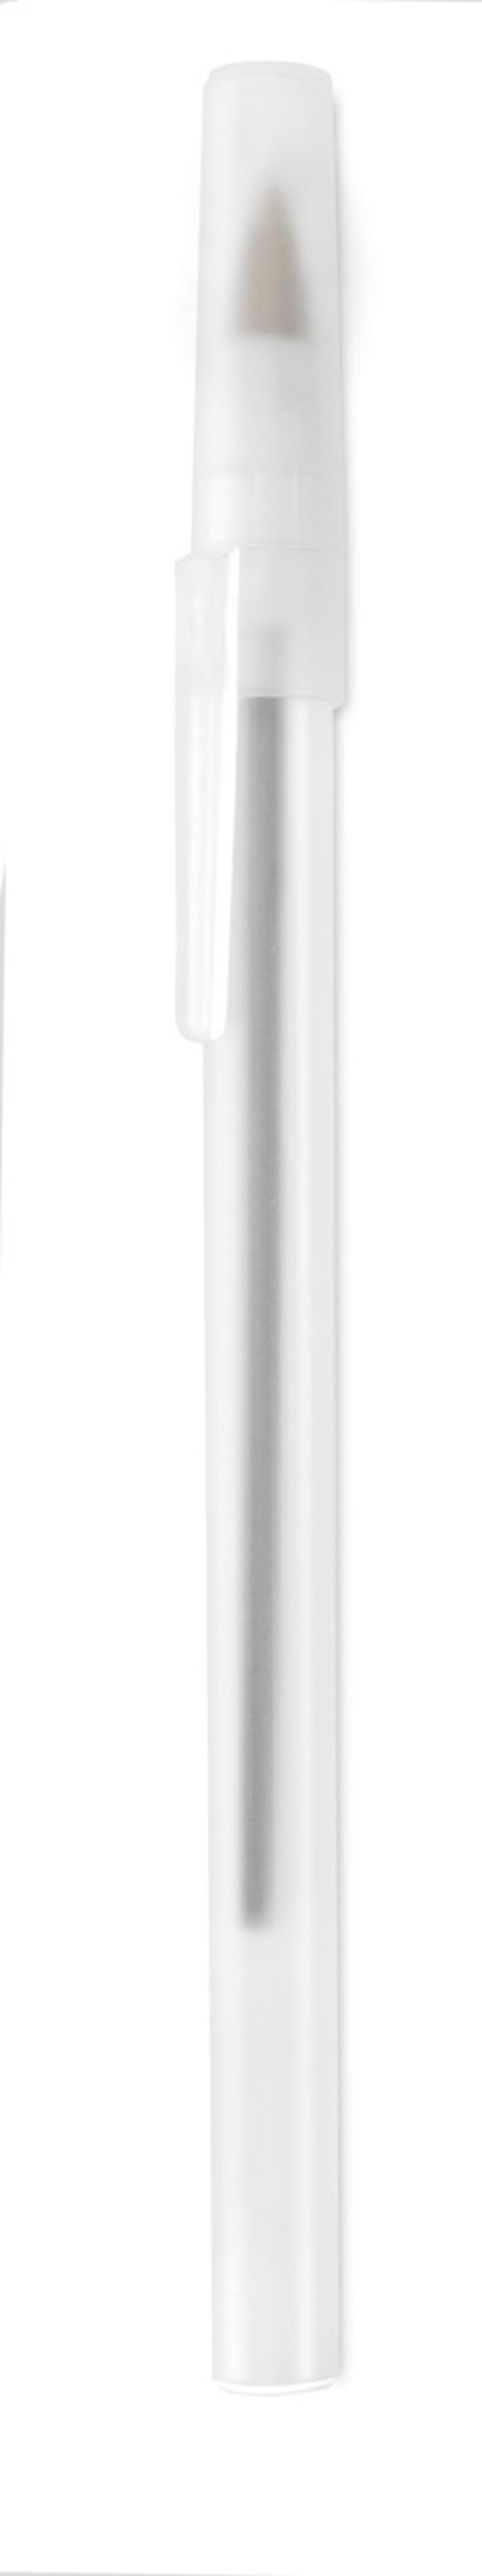 Acrel ballpoint pen